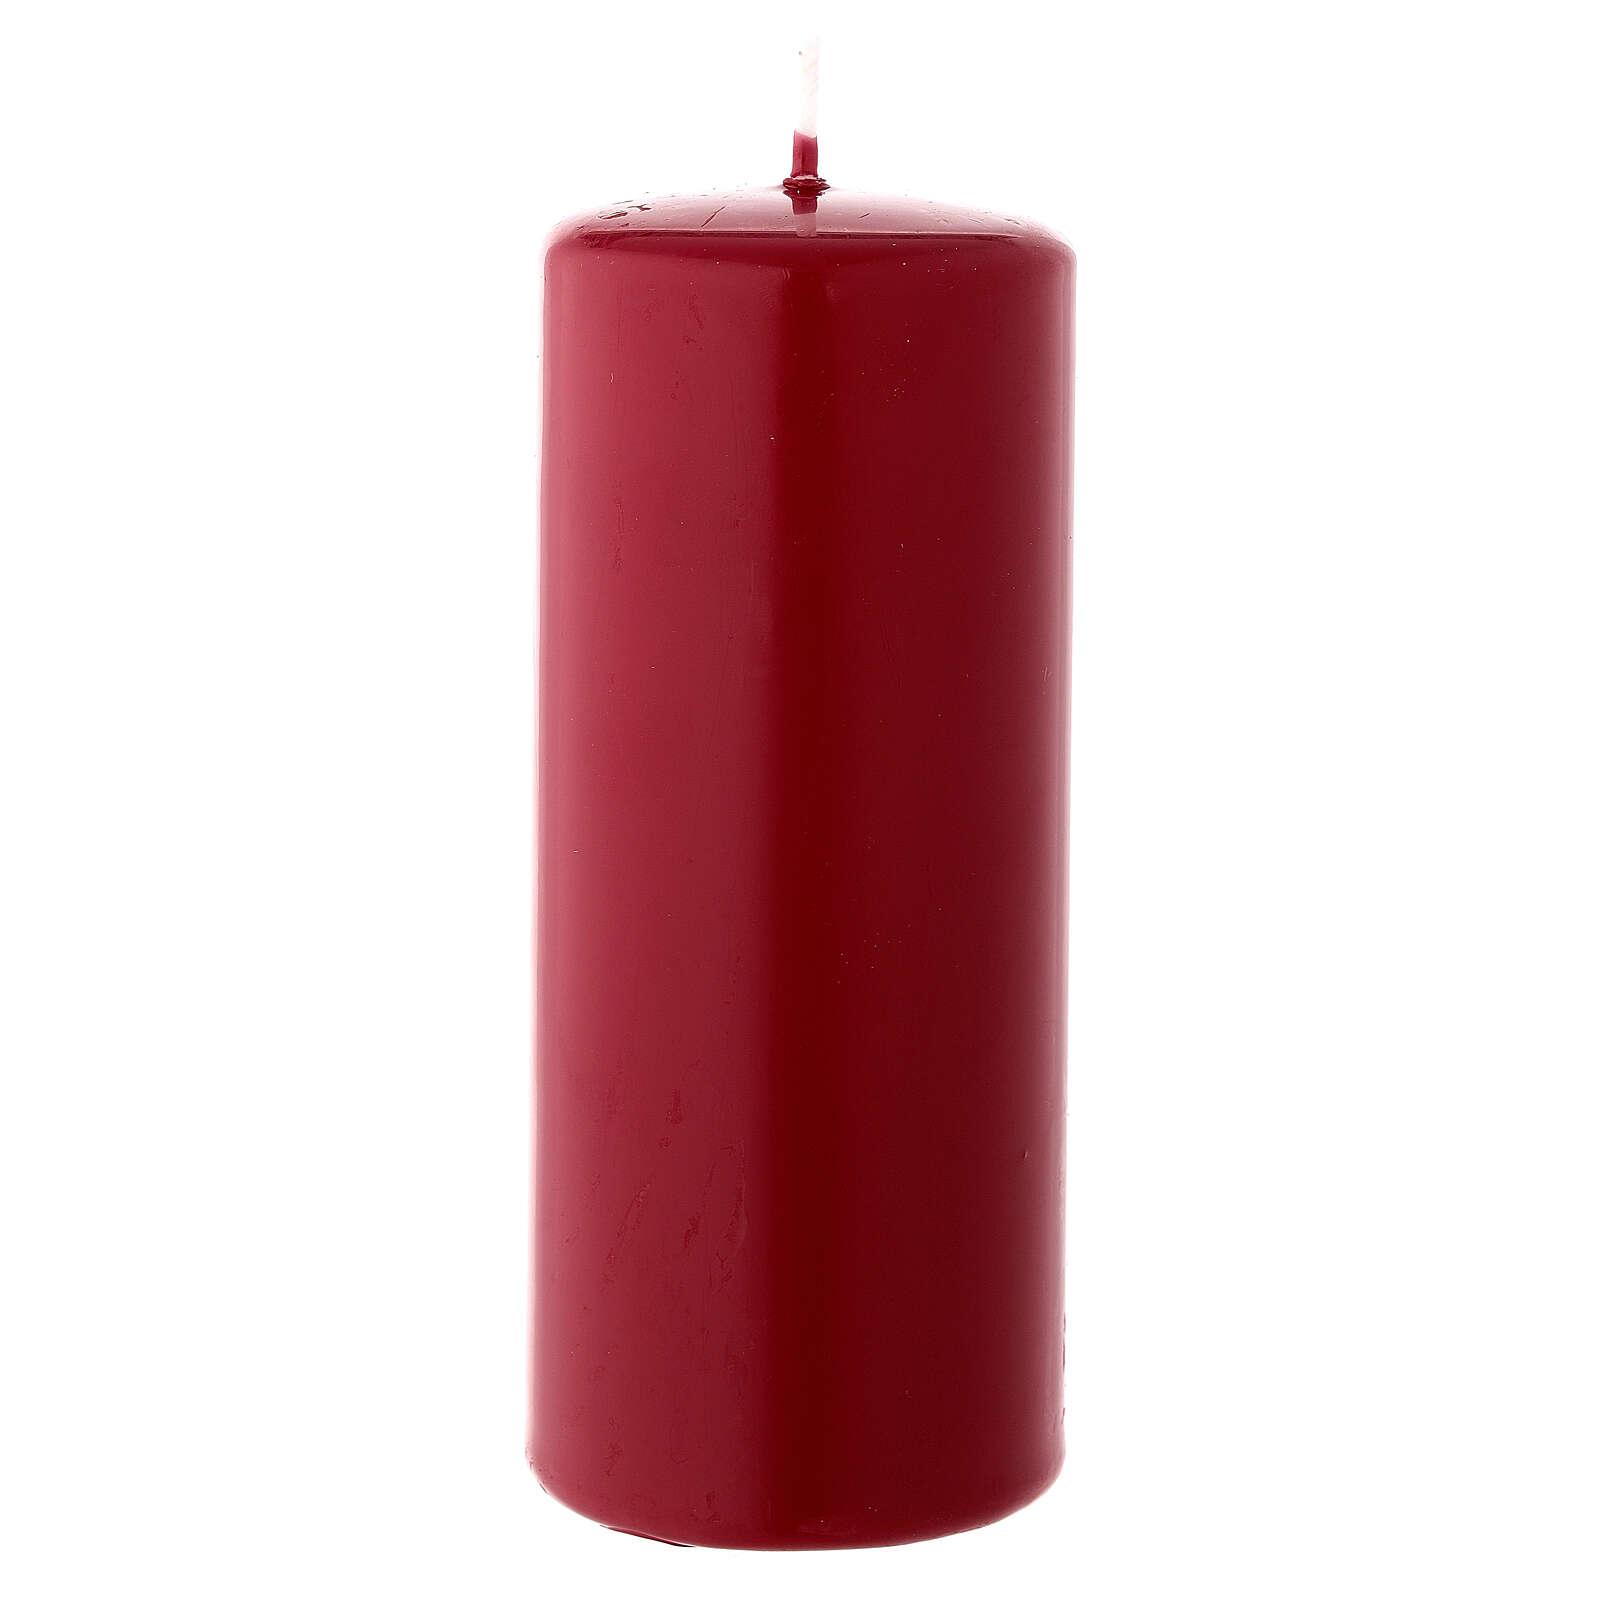 Bougie de Noël cire à cacheter rouge foncé matte 150x60 mm 3